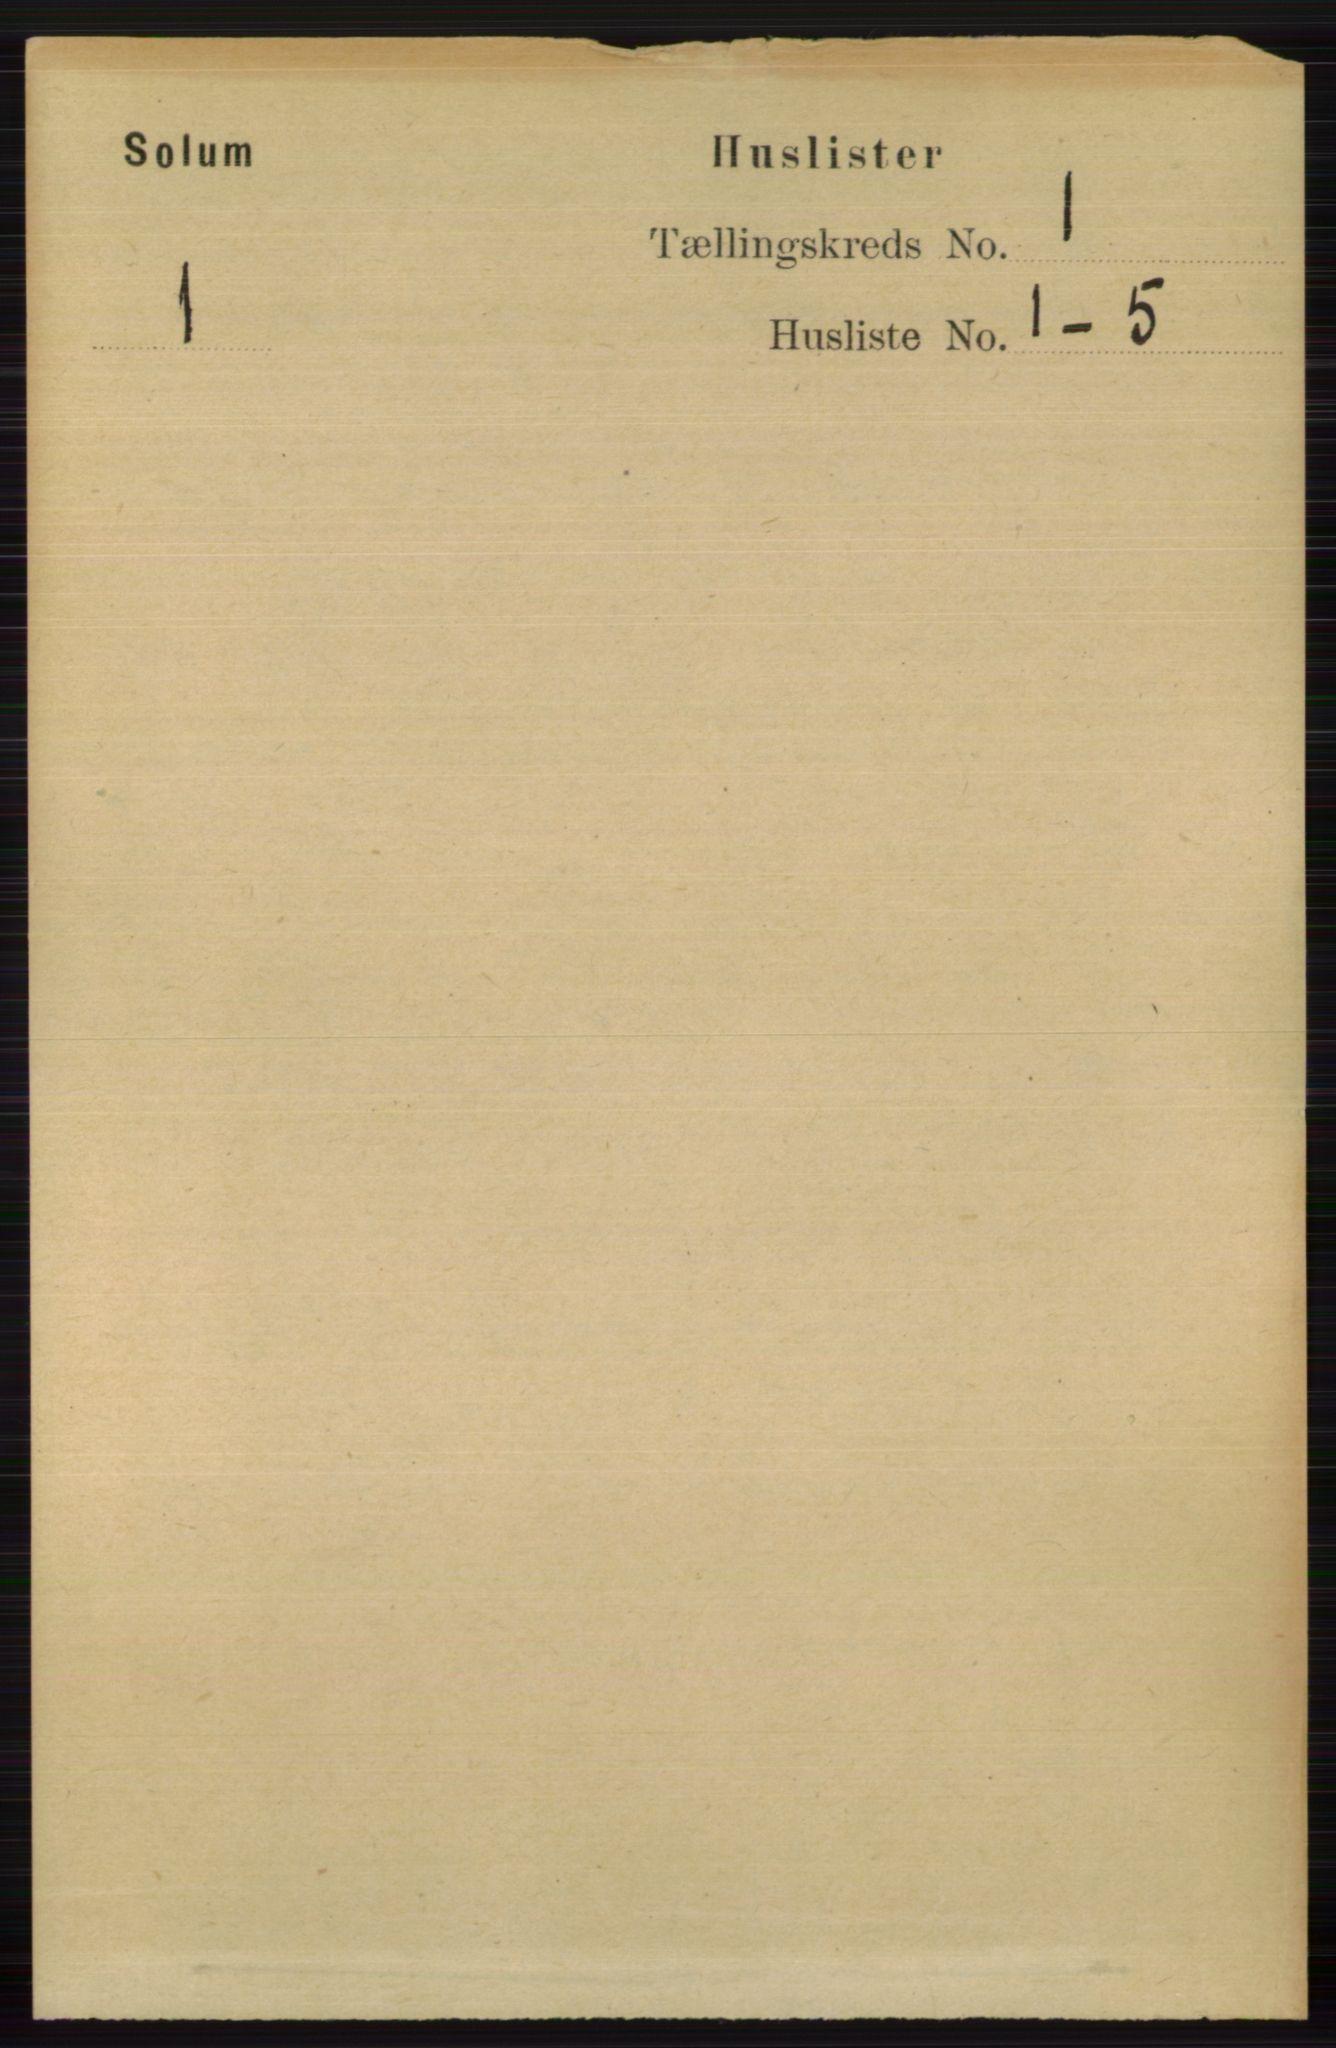 RA, Folketelling 1891 for 0818 Solum herred, 1891, s. 39